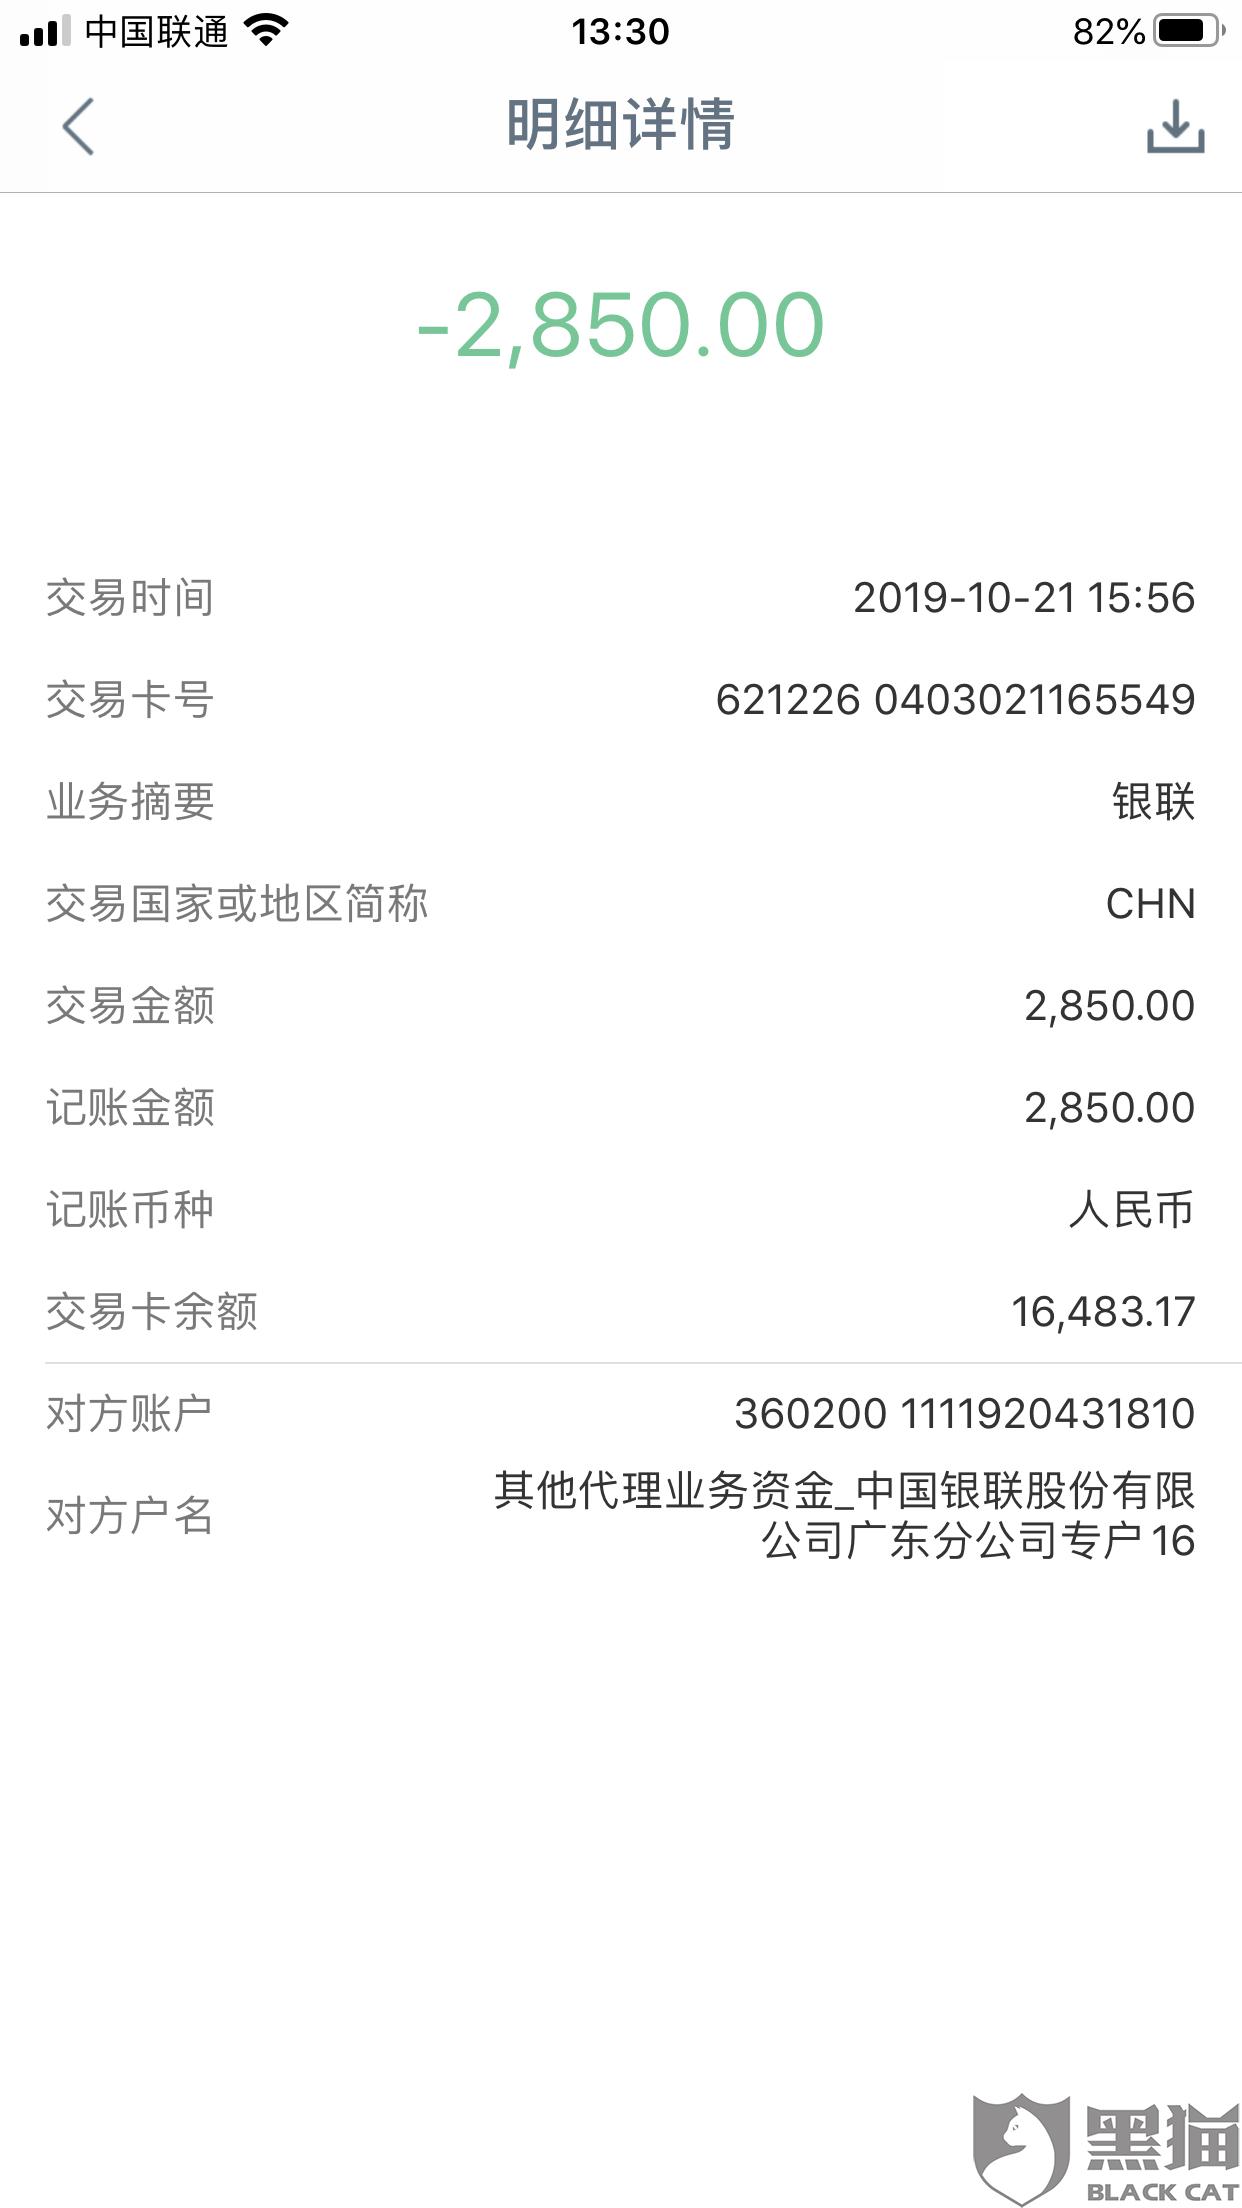 黑猫投诉:深圳市随手科技有限公司卡牛信用管家